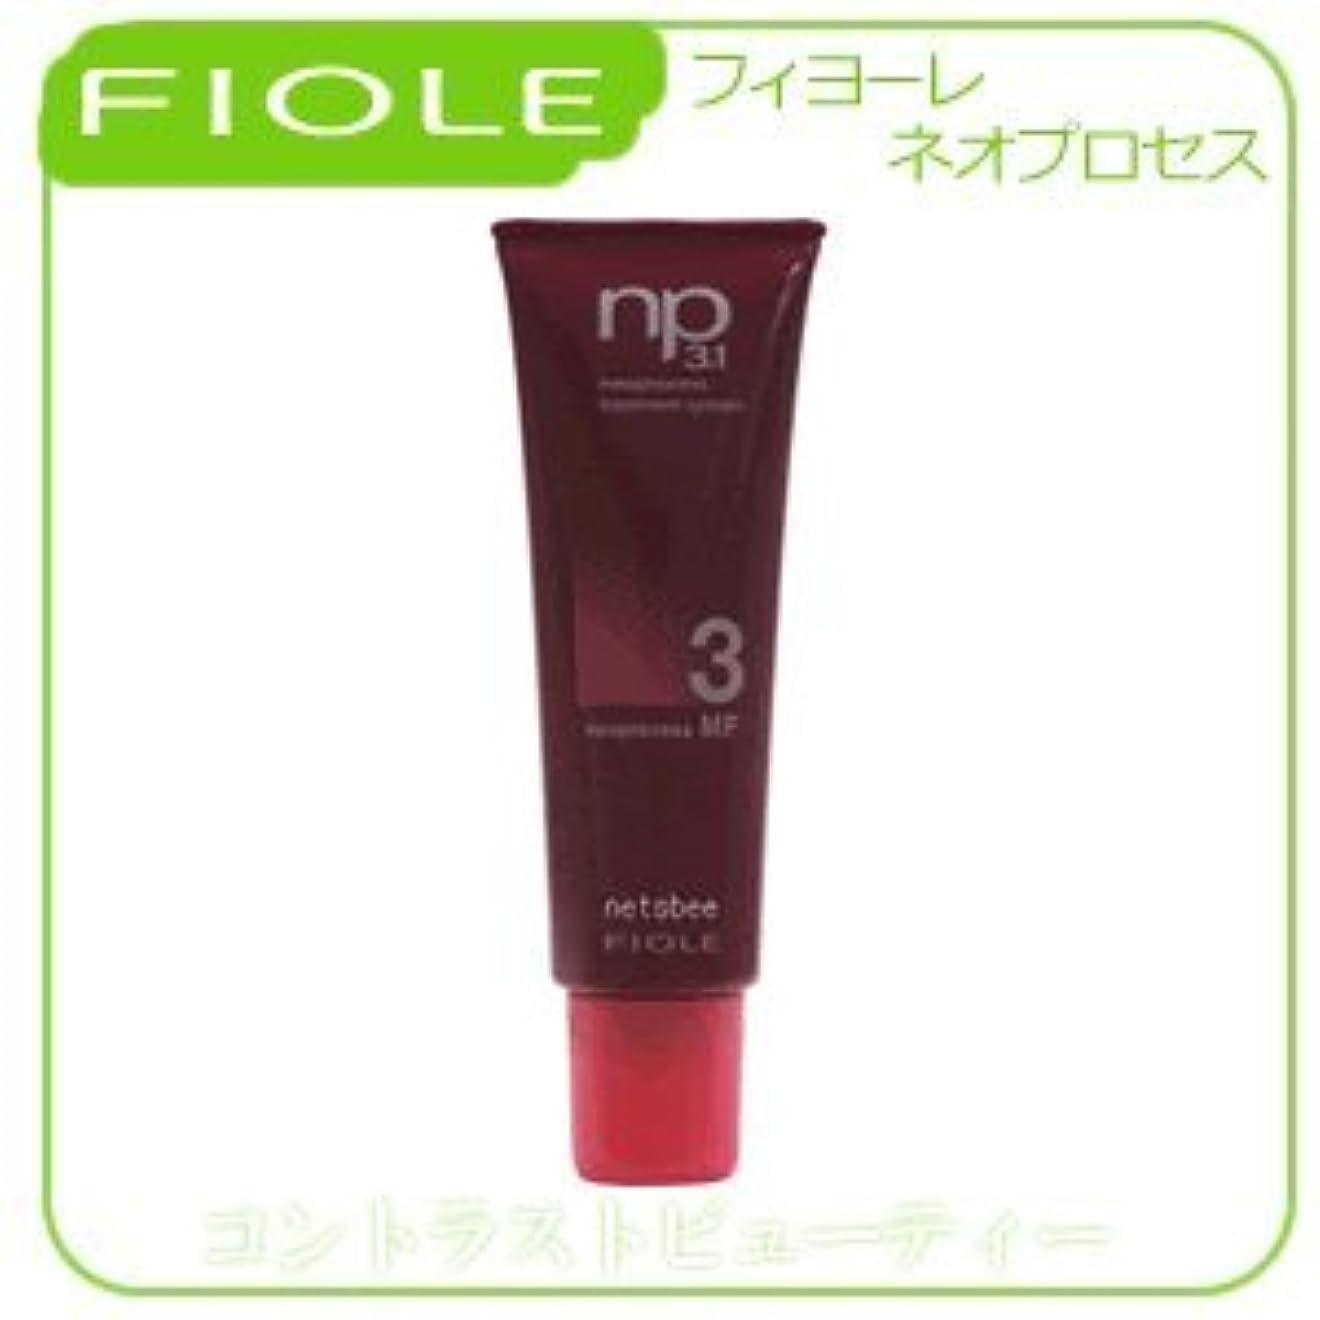 カバー味わう夜【X3個セット】 フィヨーレ NP3.1 ネオプロセス MF3 130g FIOLE ネオプロセス